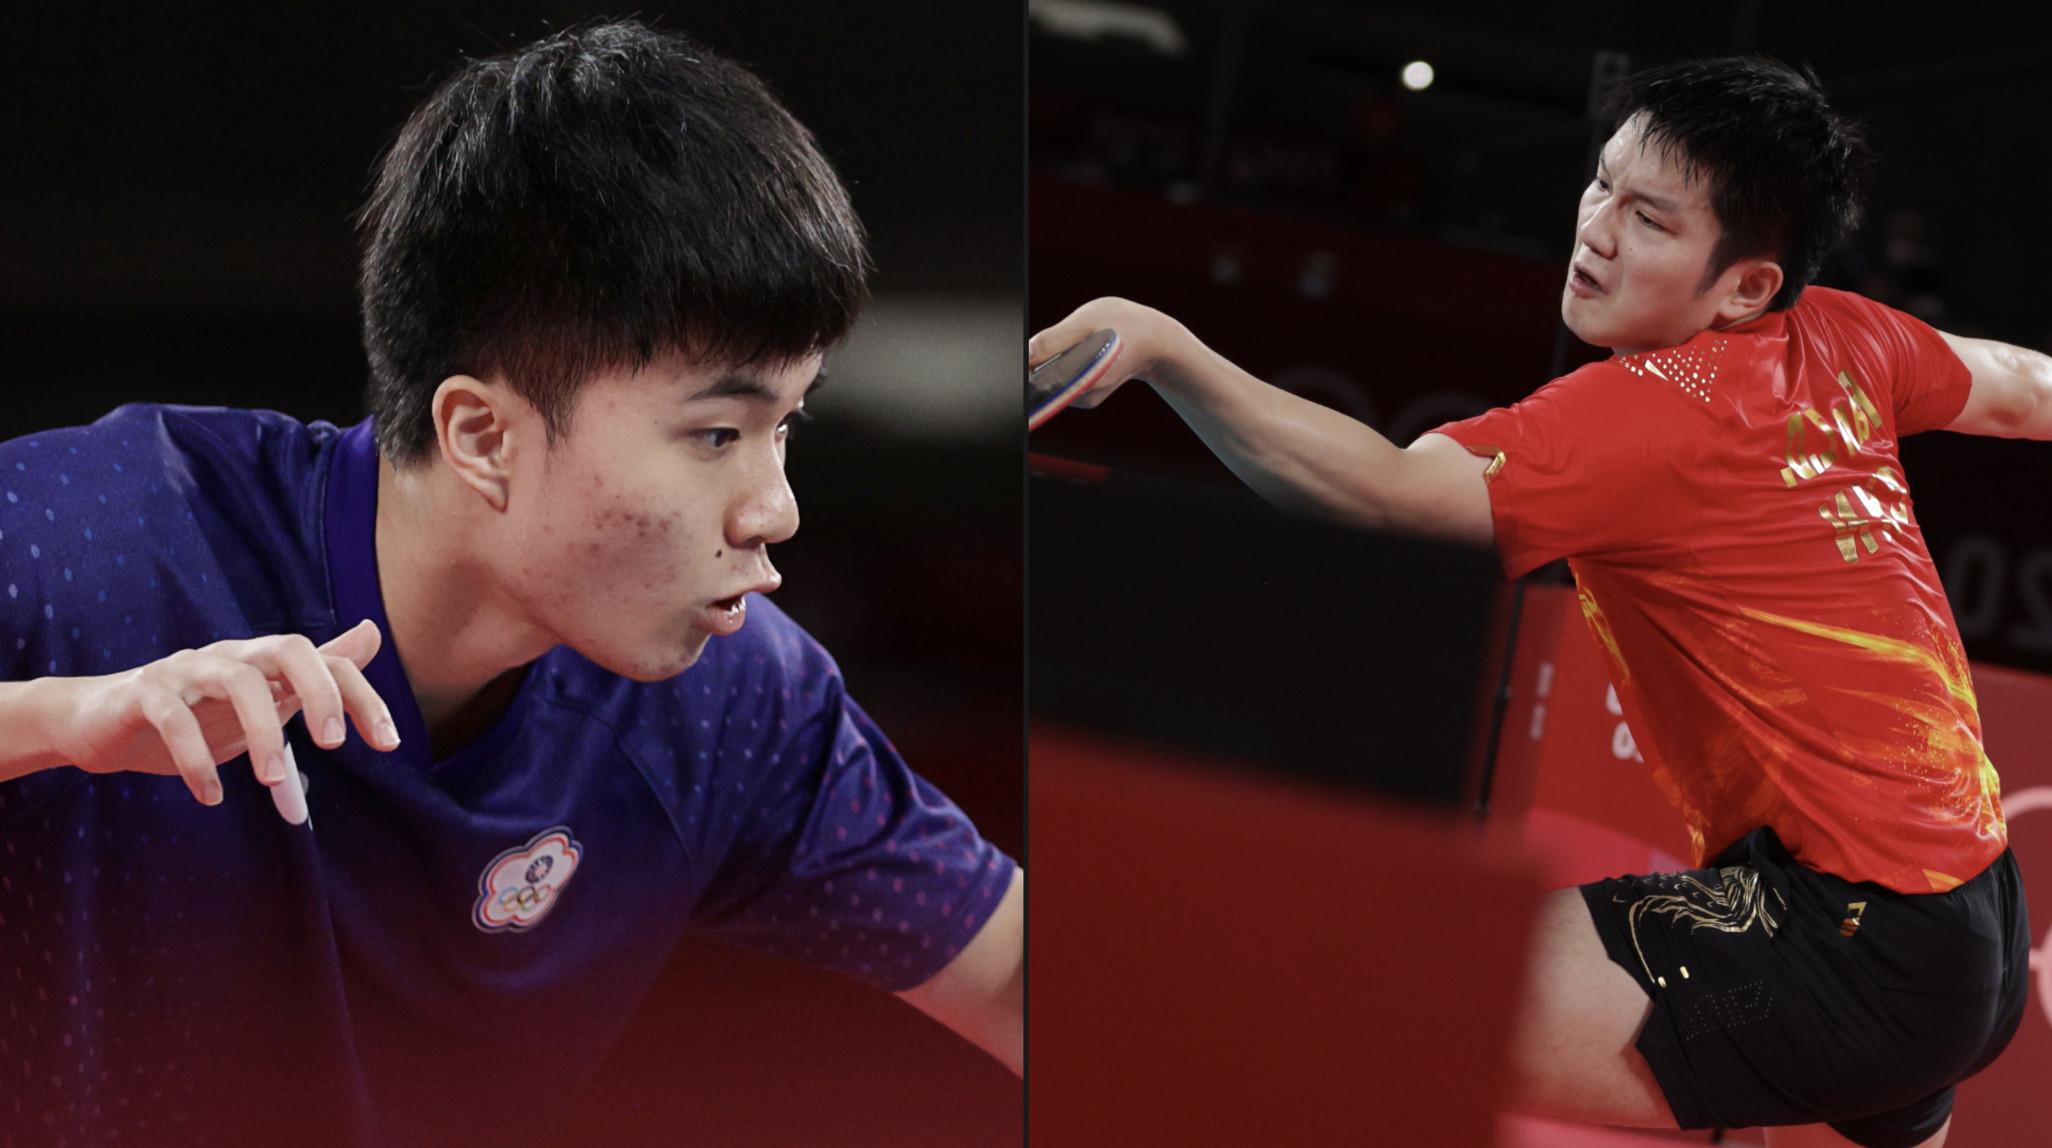 林昀儒,小林同學,樊振東,東京奧運,桌球,體育,沈默殺手